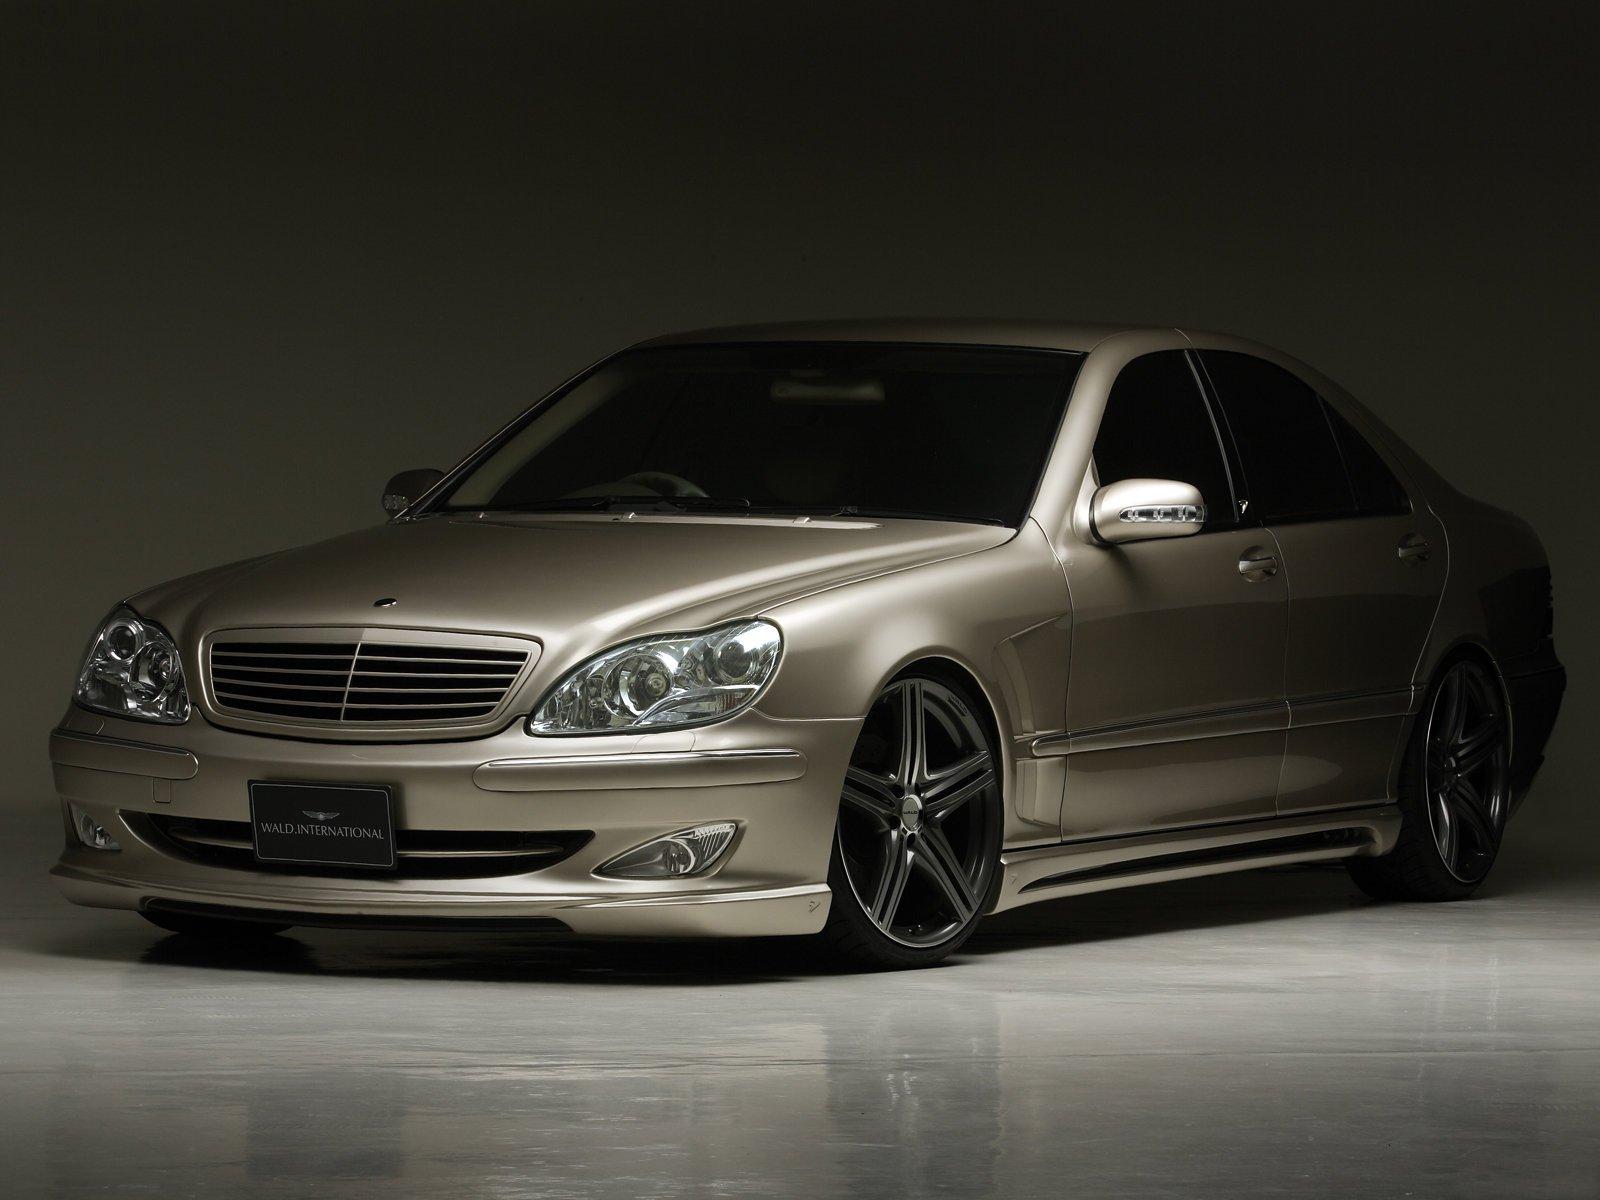 WALD INTERNATIONAL Mercedes-Benz S-Class (W220) cars ...